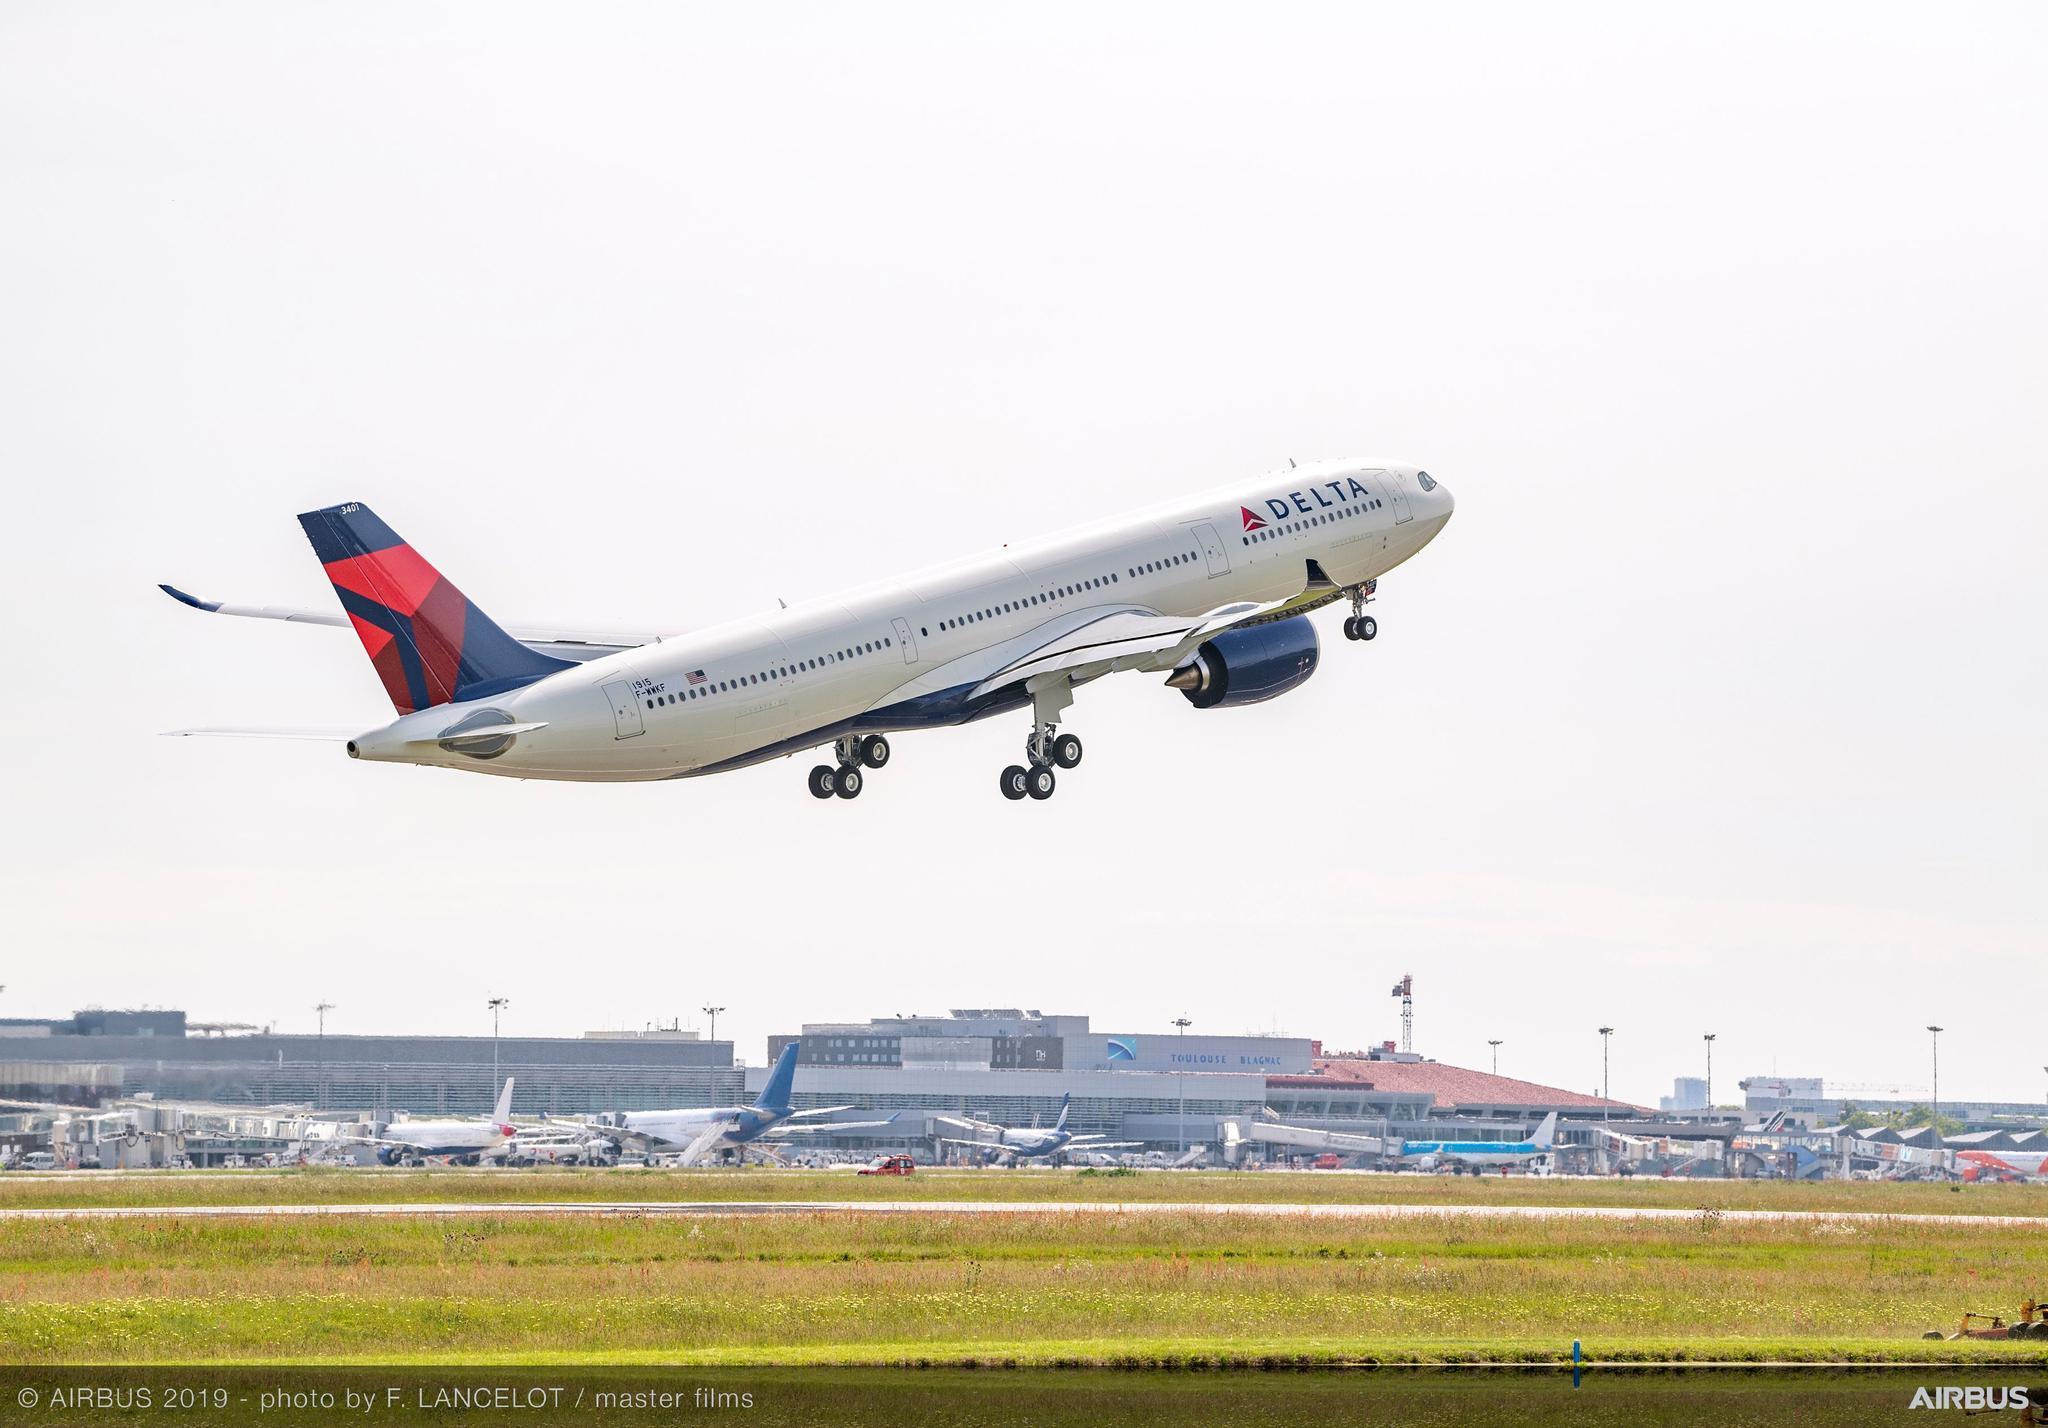 達美航空將于明年年初從成田機場轉場至羽田機場|羽田機場_新浪財經_新浪網